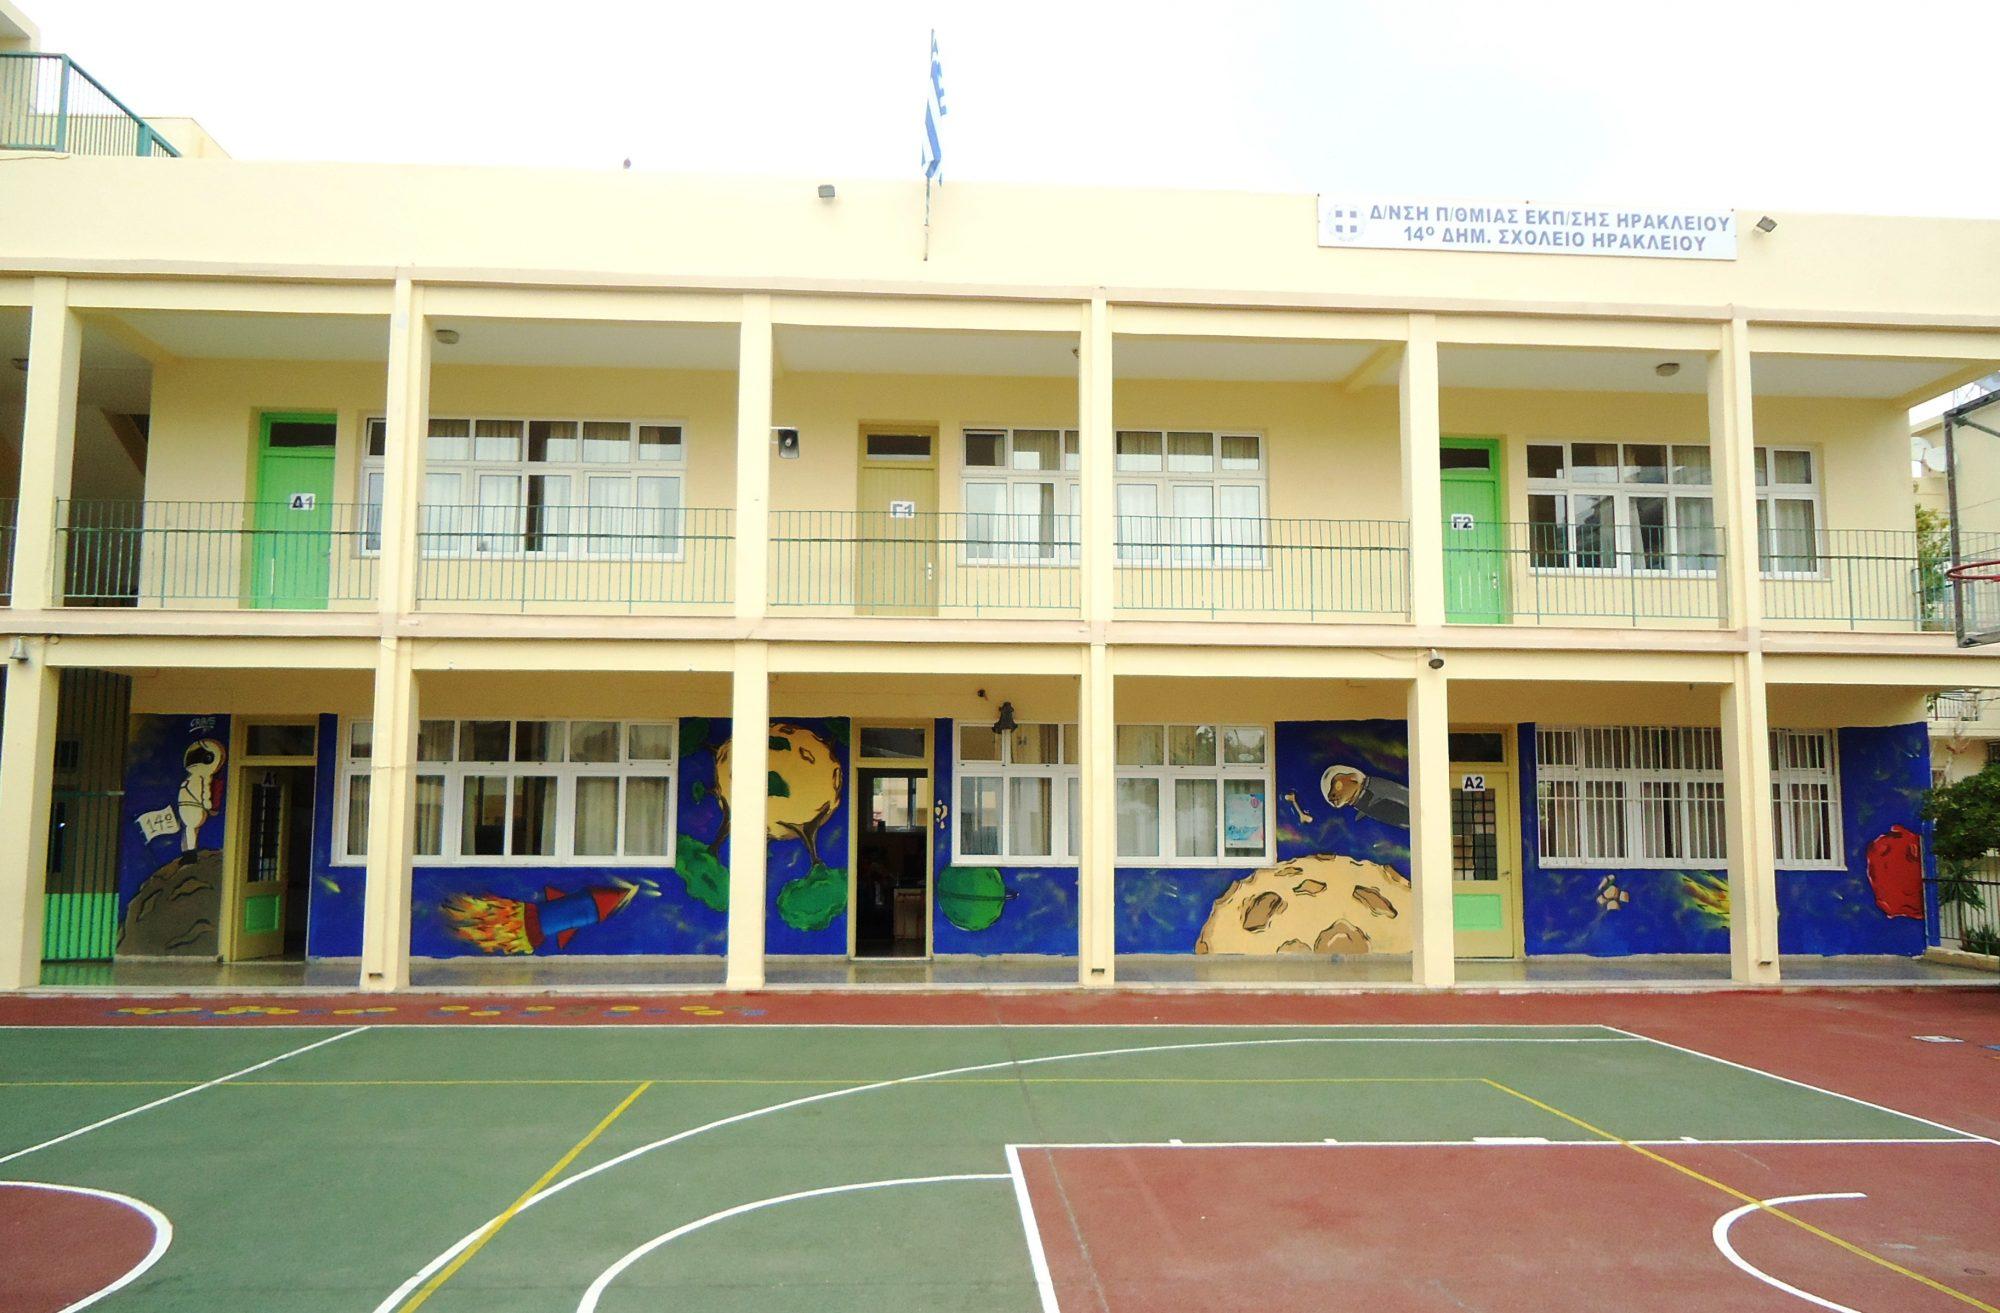 14ο Δημοτικό Σχολείο Ηρακλείου Κρήτης